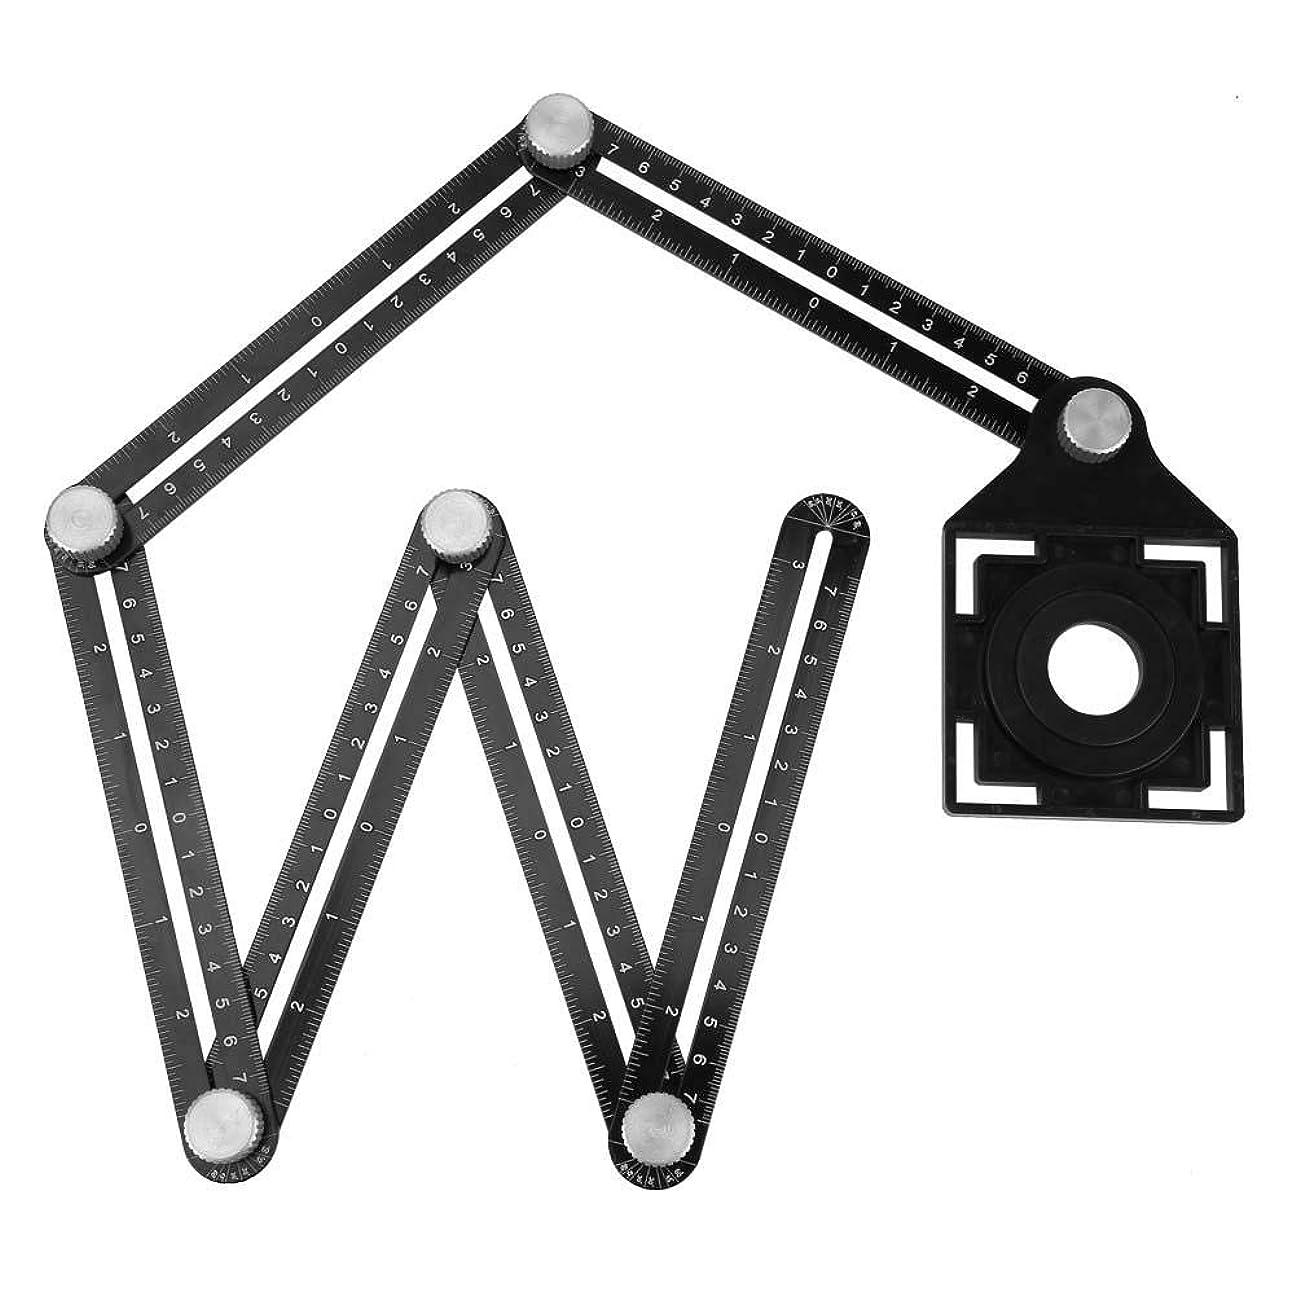 ハーフあたりこする6つ折りの定規、アルミ合金の陶磁器の穴のロケータ多角度の定規陶磁器のガラスタイルの穴のロケータはタイルの開始そして位置のために使用しました